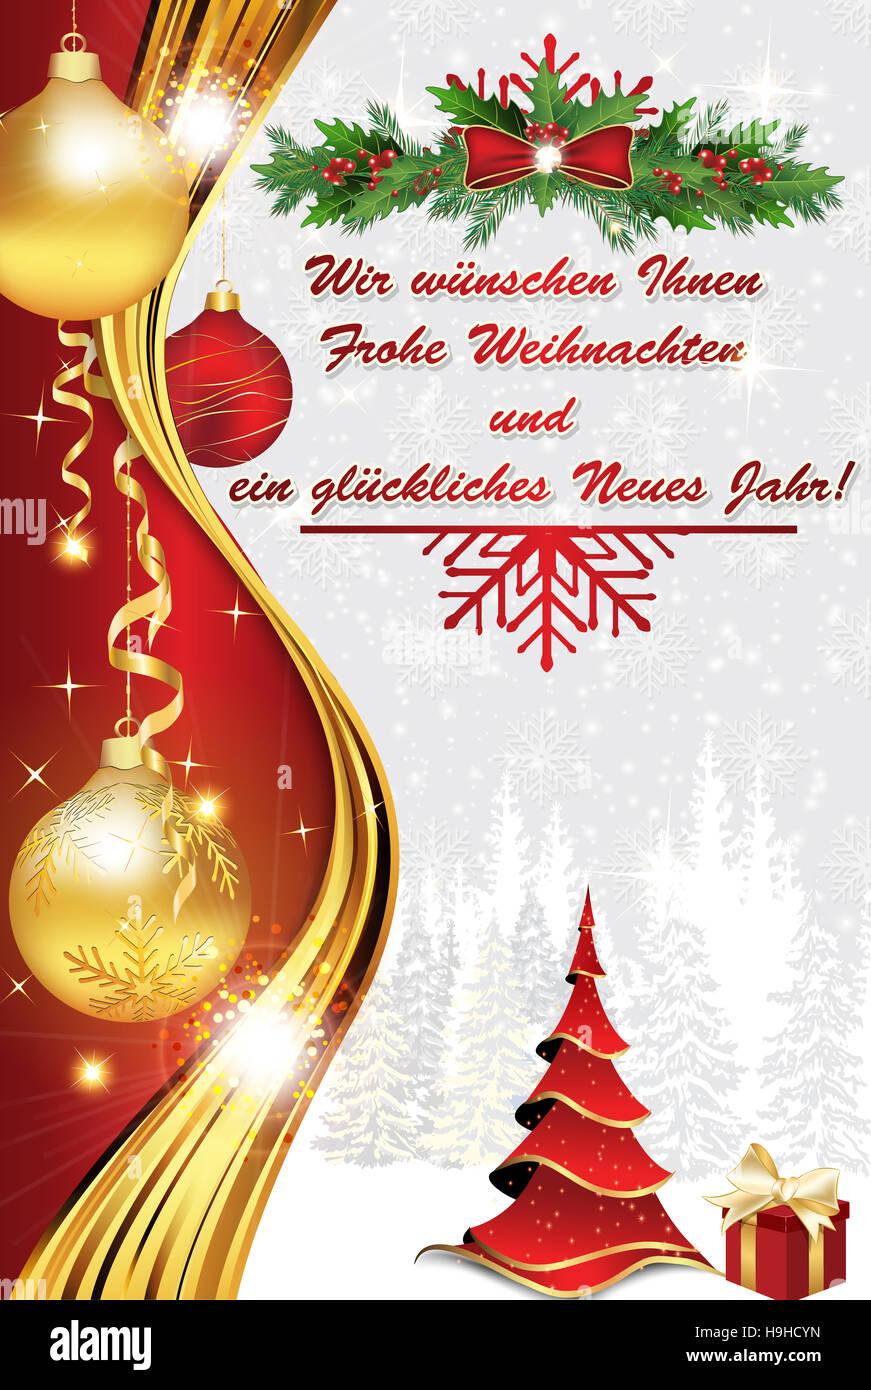 gesch ftliche weihnachtsgr e druckfarben verwendet stock photo 126387849 alamy